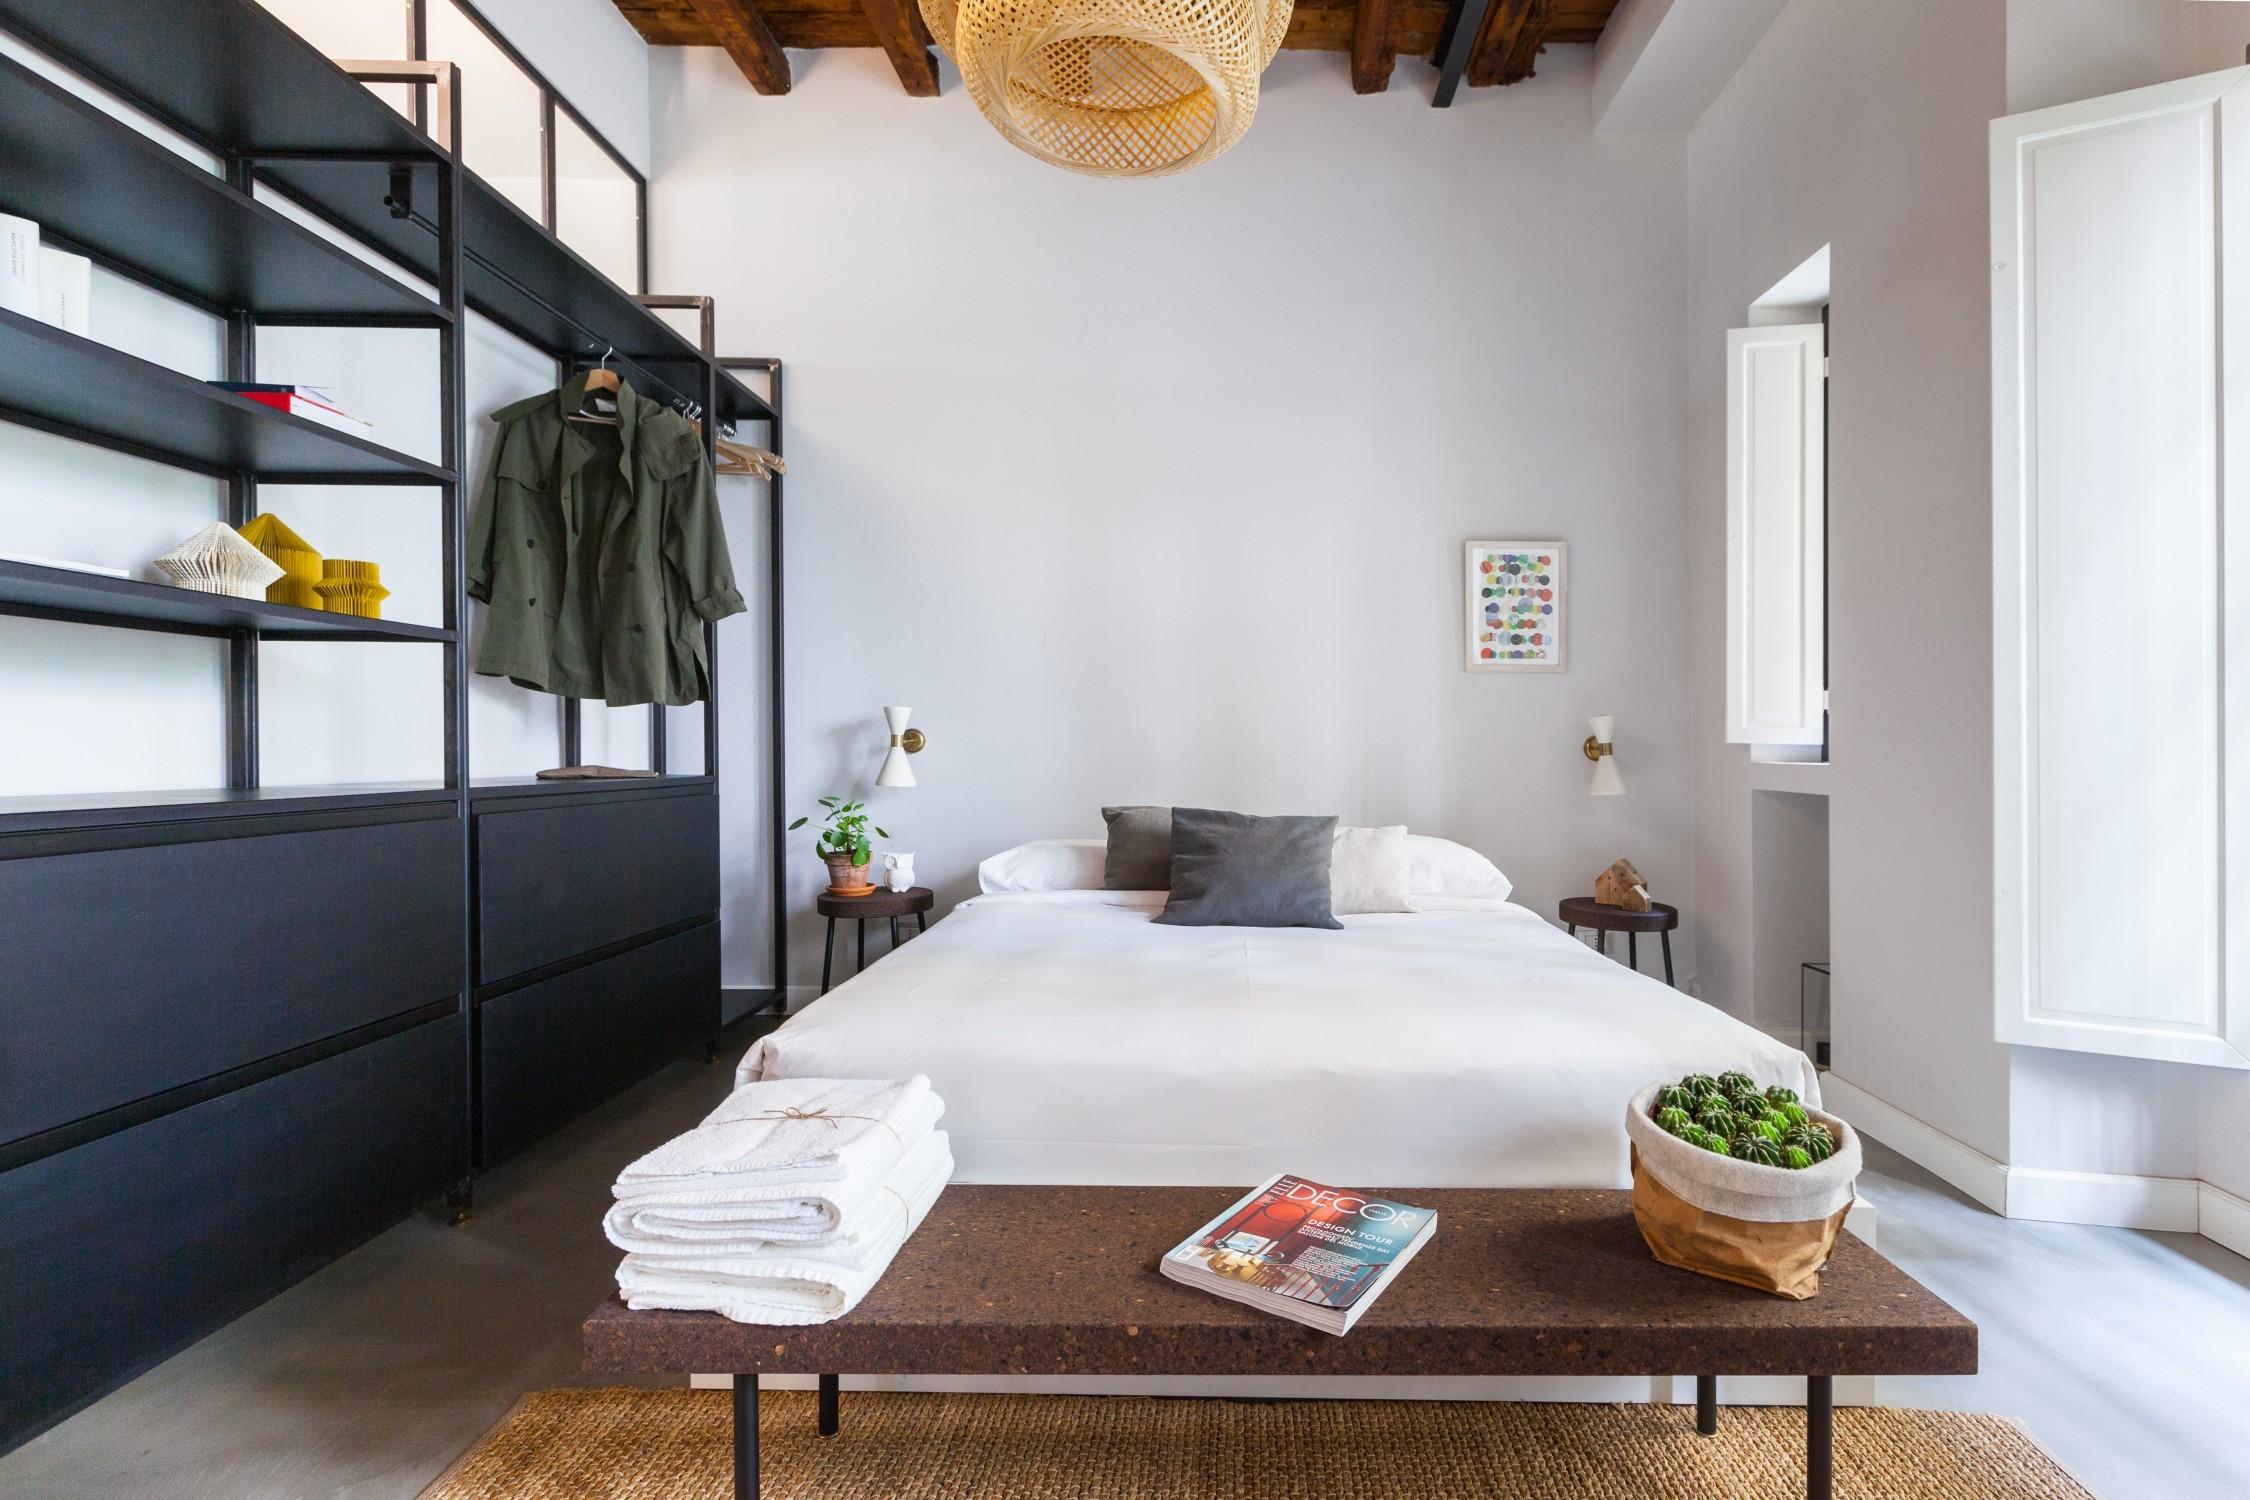 7 apartamentos design onde você pode se hospedar pelo Airbnb (Foto: divulgação)